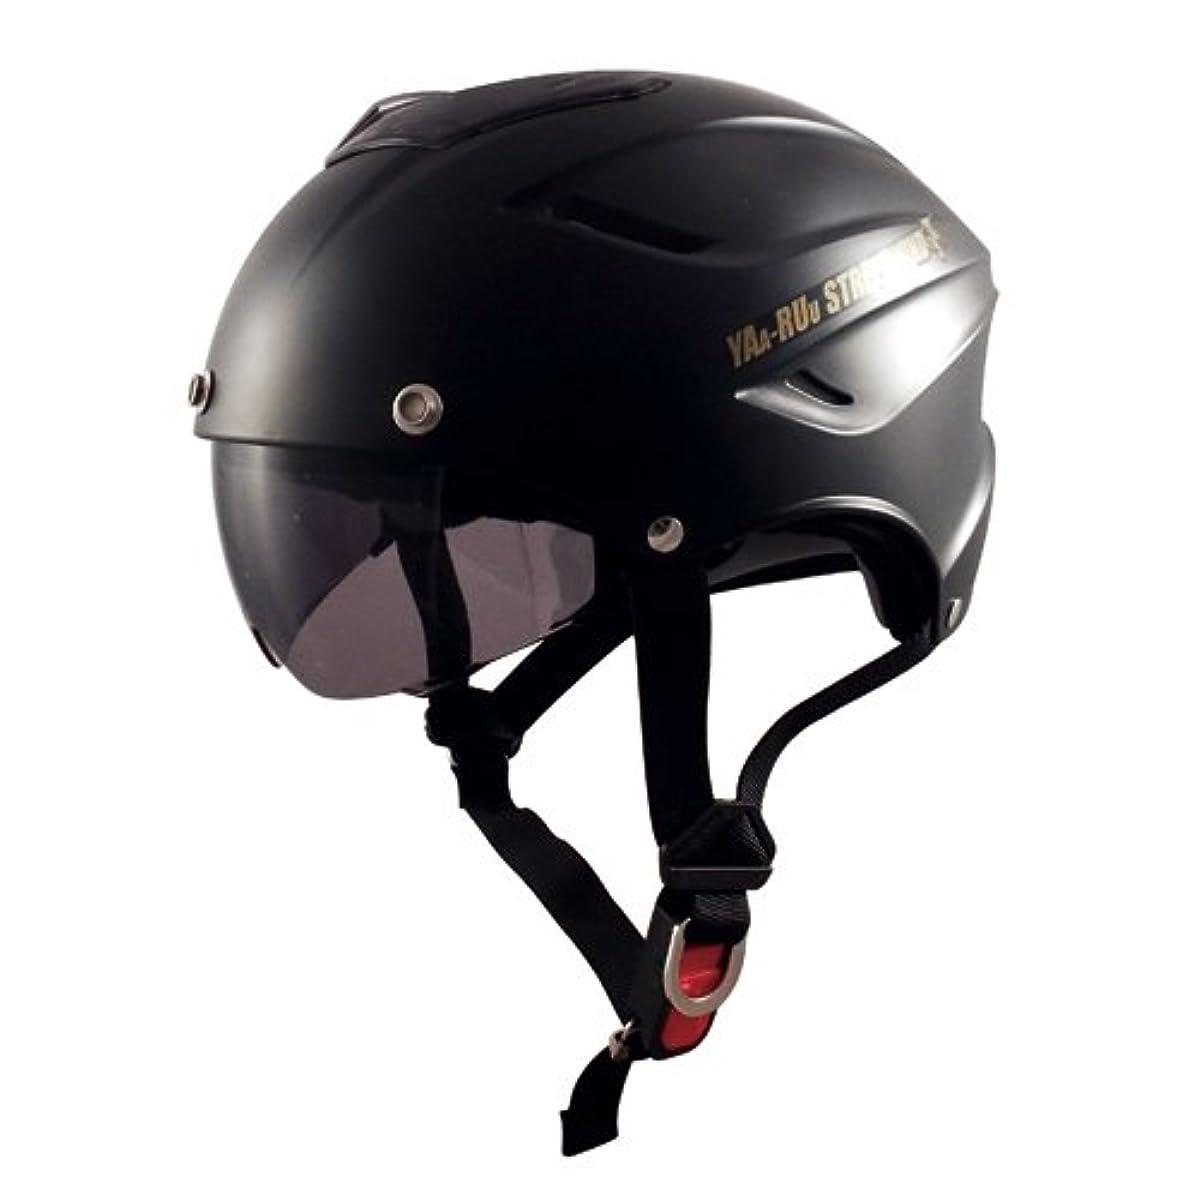 [해외] TNK공업 스피드 피트 허프형 헬멧 이너 바이저부 STR W 허프 매드 블랙 프리 사이즈(58-59CM) 51203.0